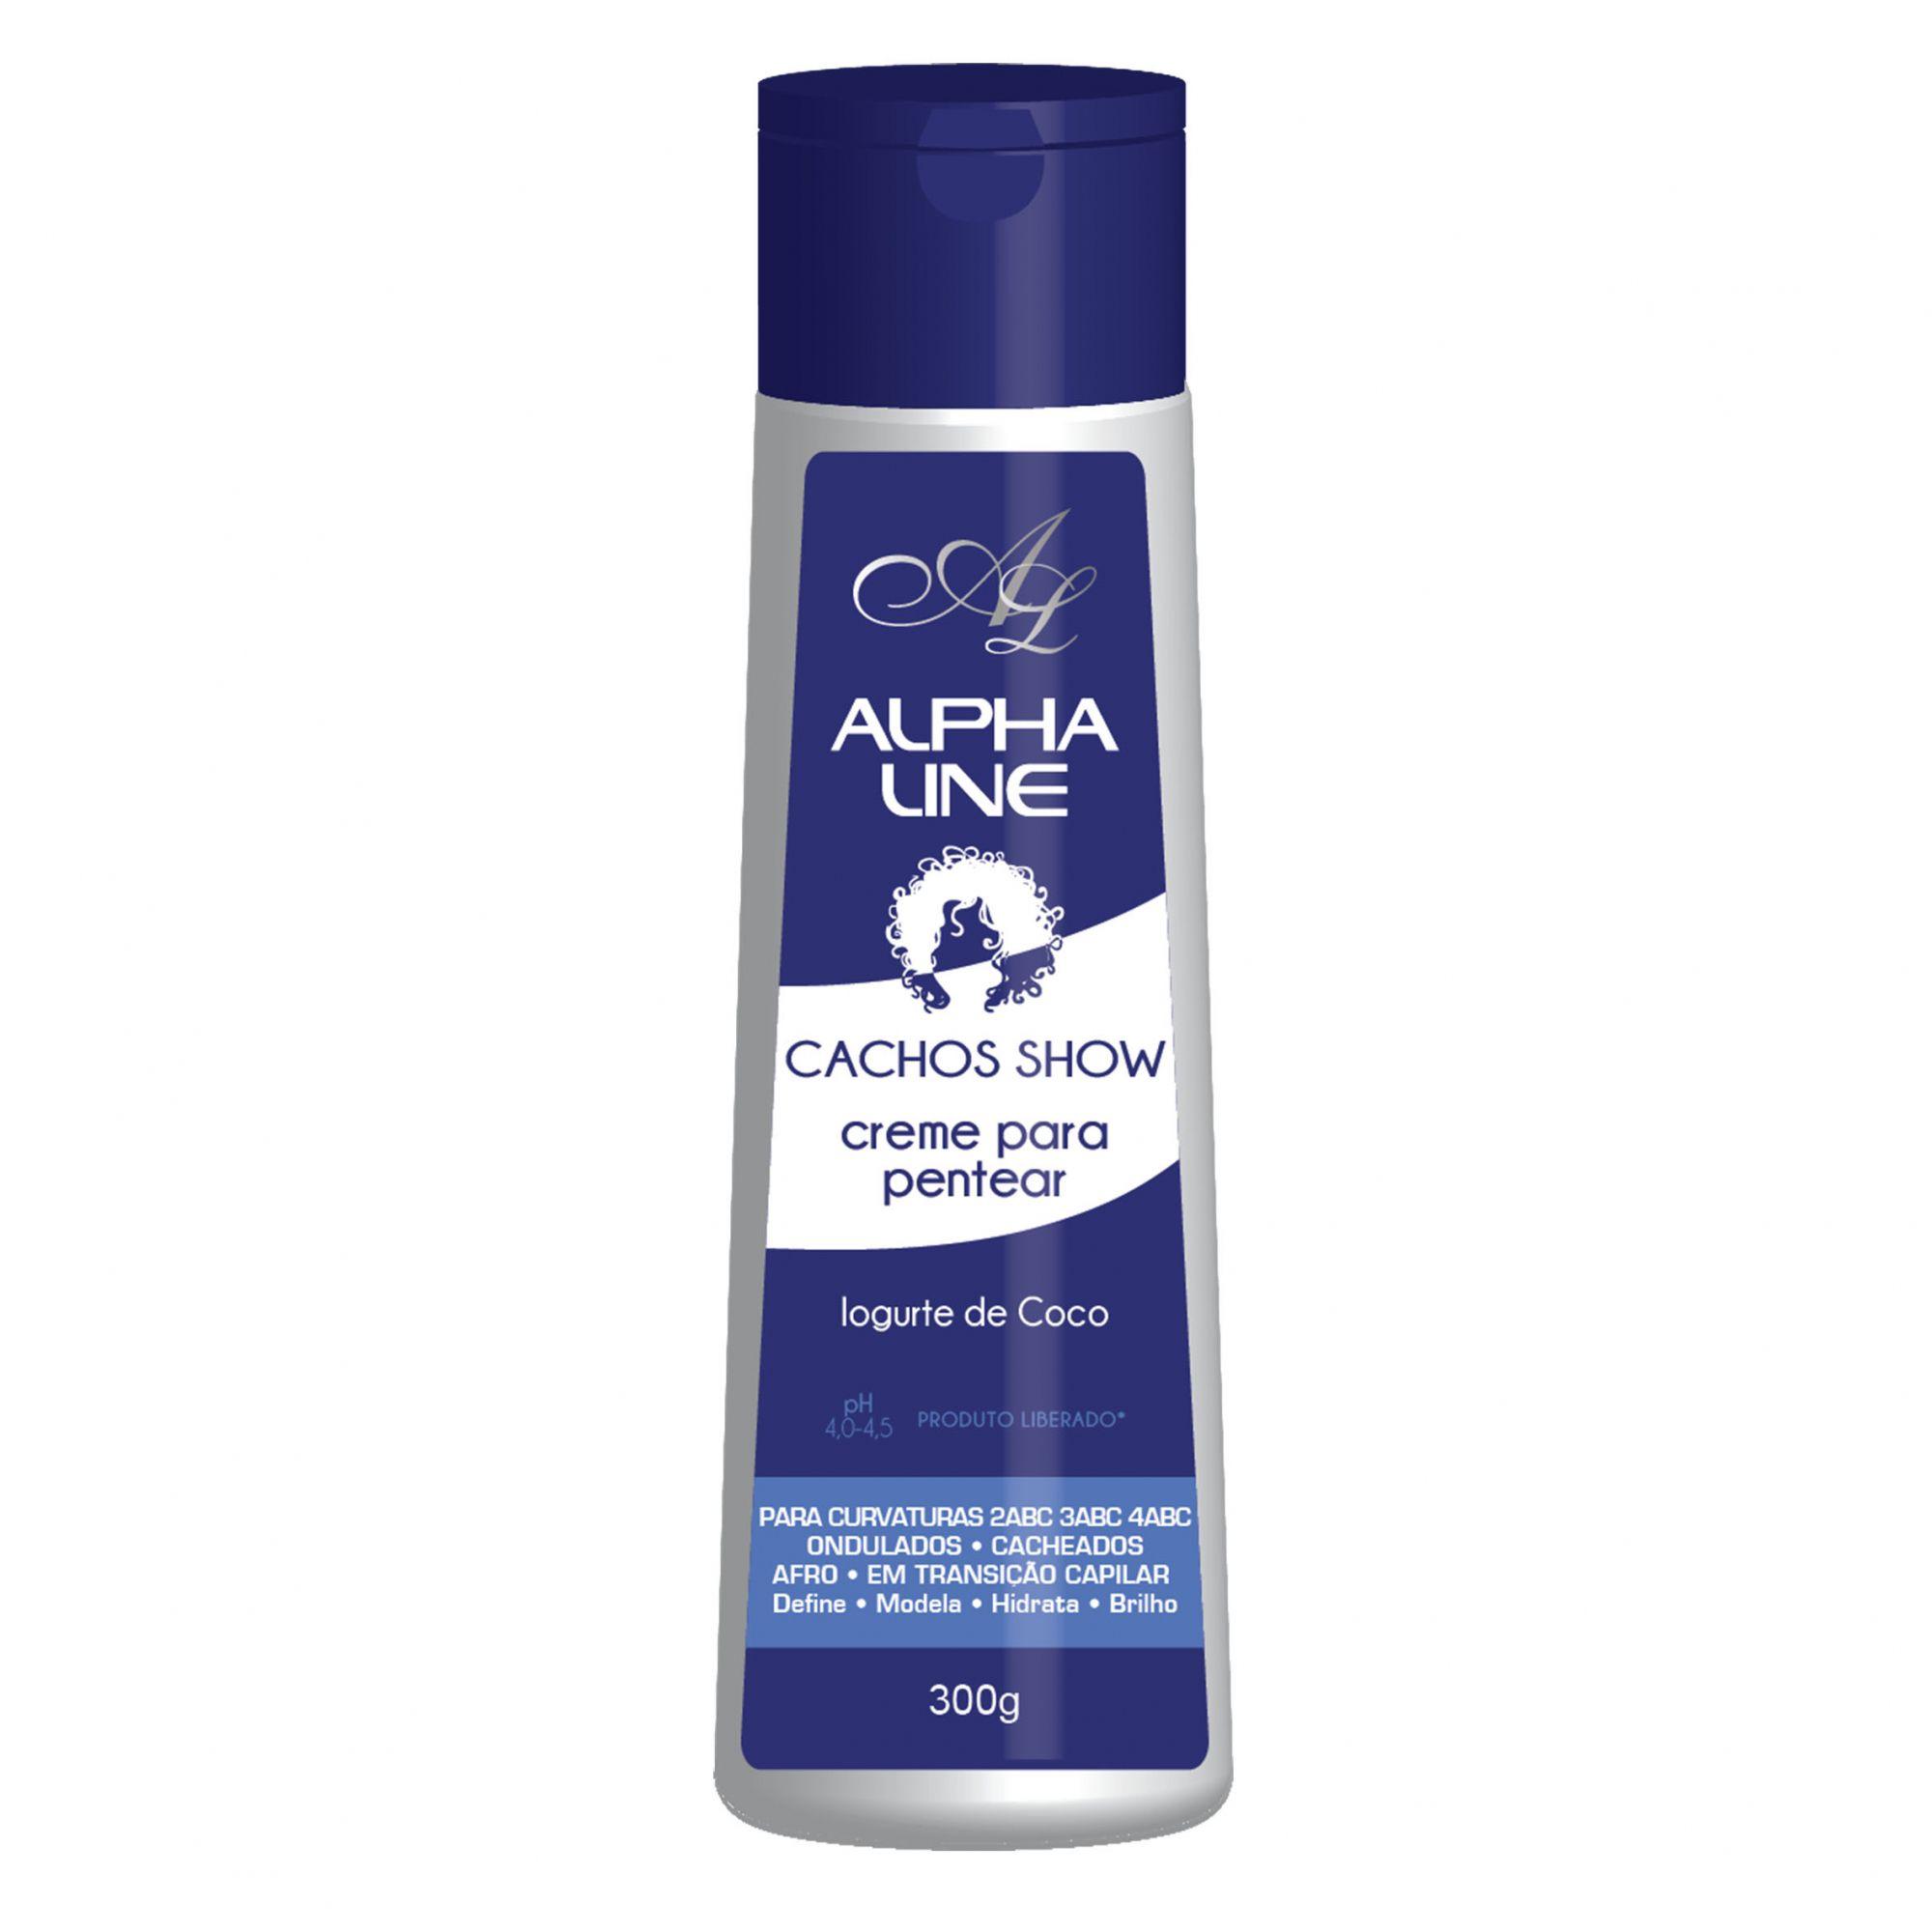 Alpha Line Creme para pentear Cachos Show Iogurte 300g.